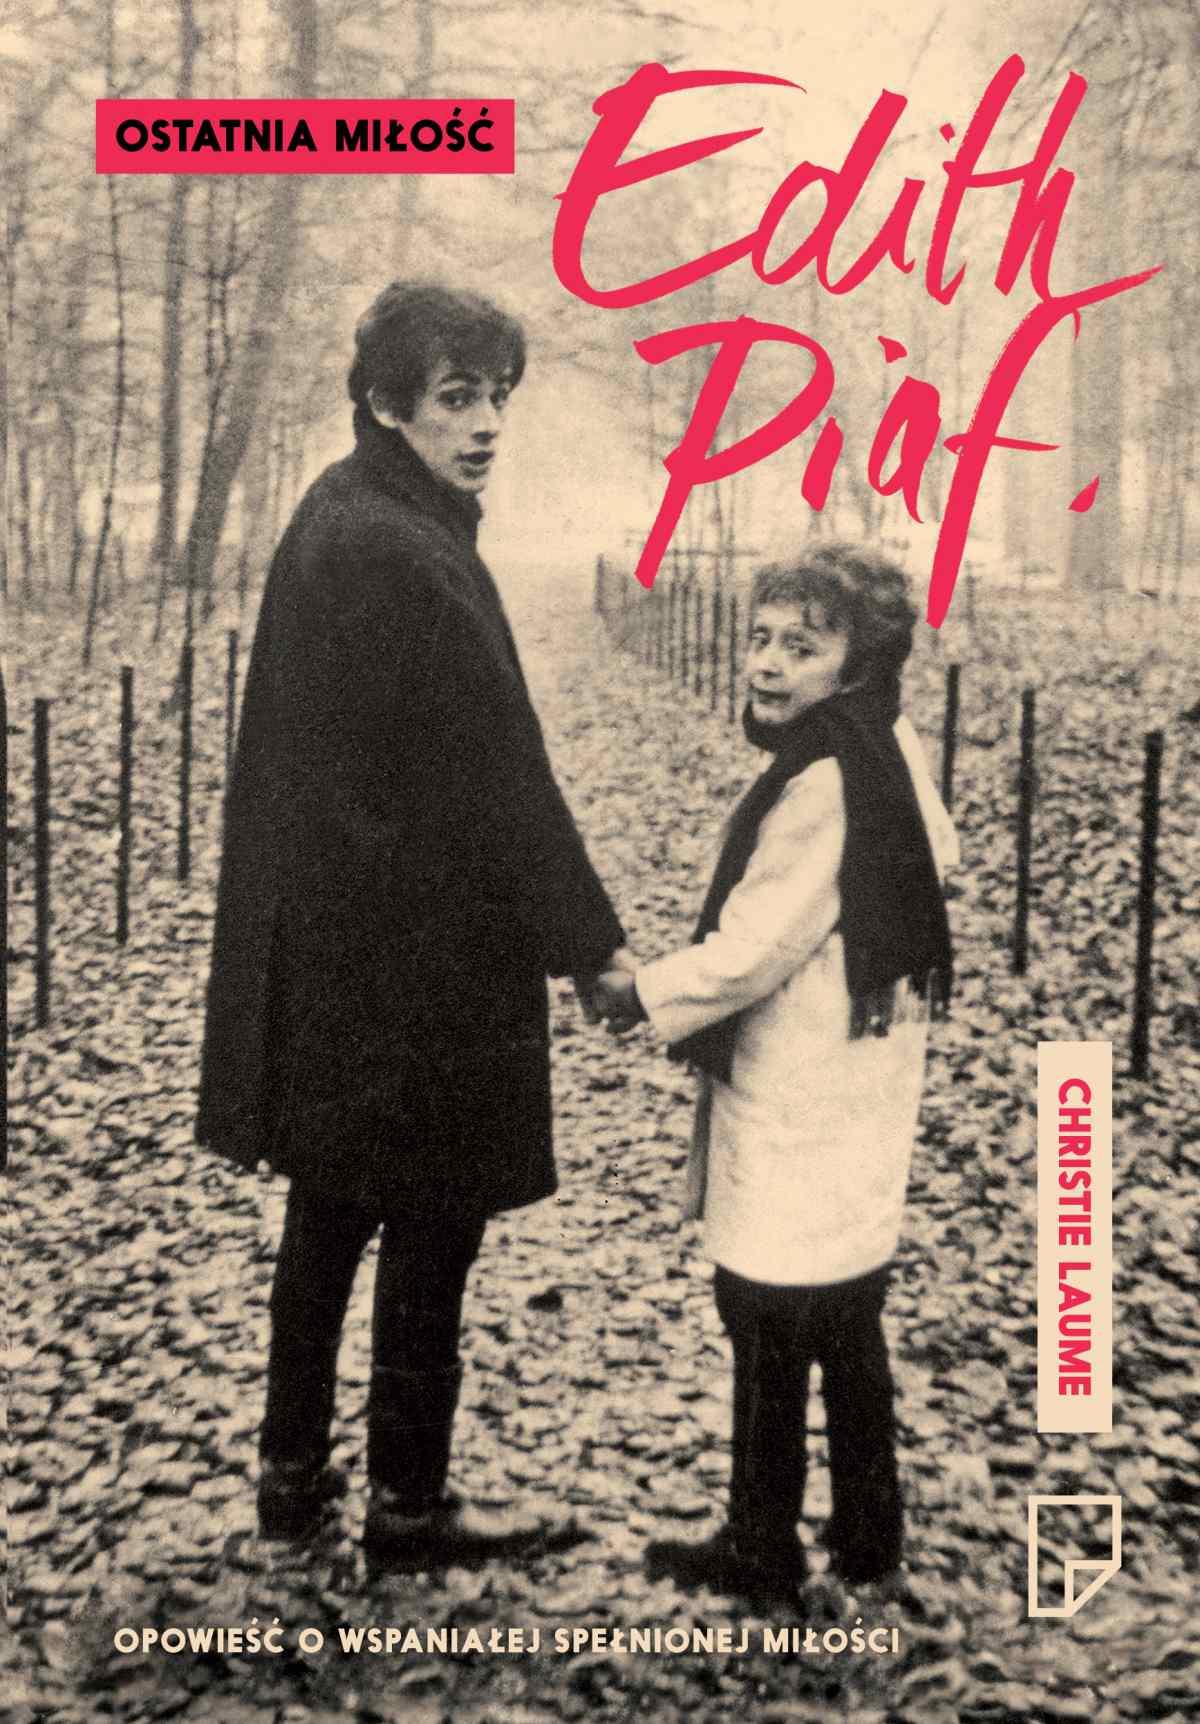 Ostatnia miłość Edith Piaf - Ebook (Książka na Kindle) do pobrania w formacie MOBI